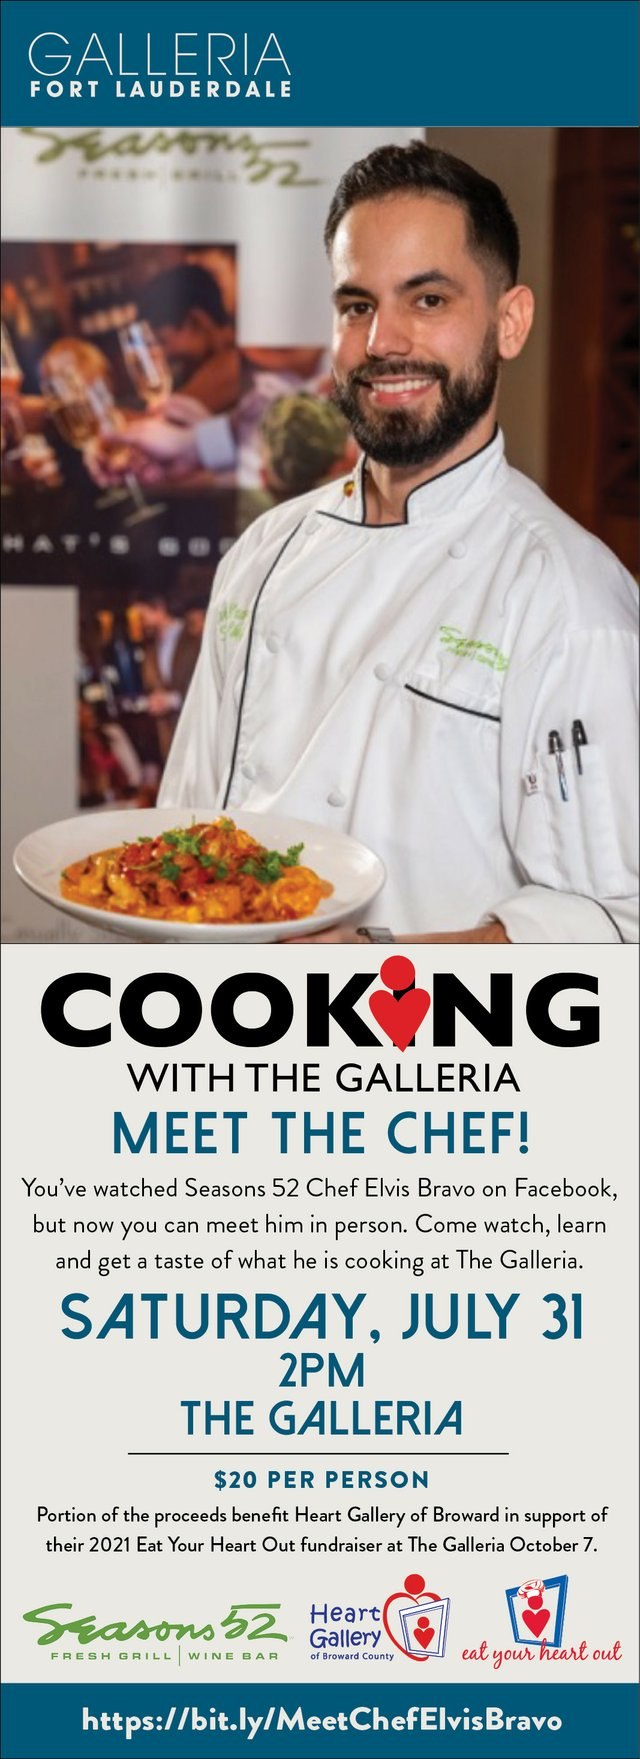 Galleria_Cooking_Eblast_HeartGallery_800x2200_JUL21.jpg